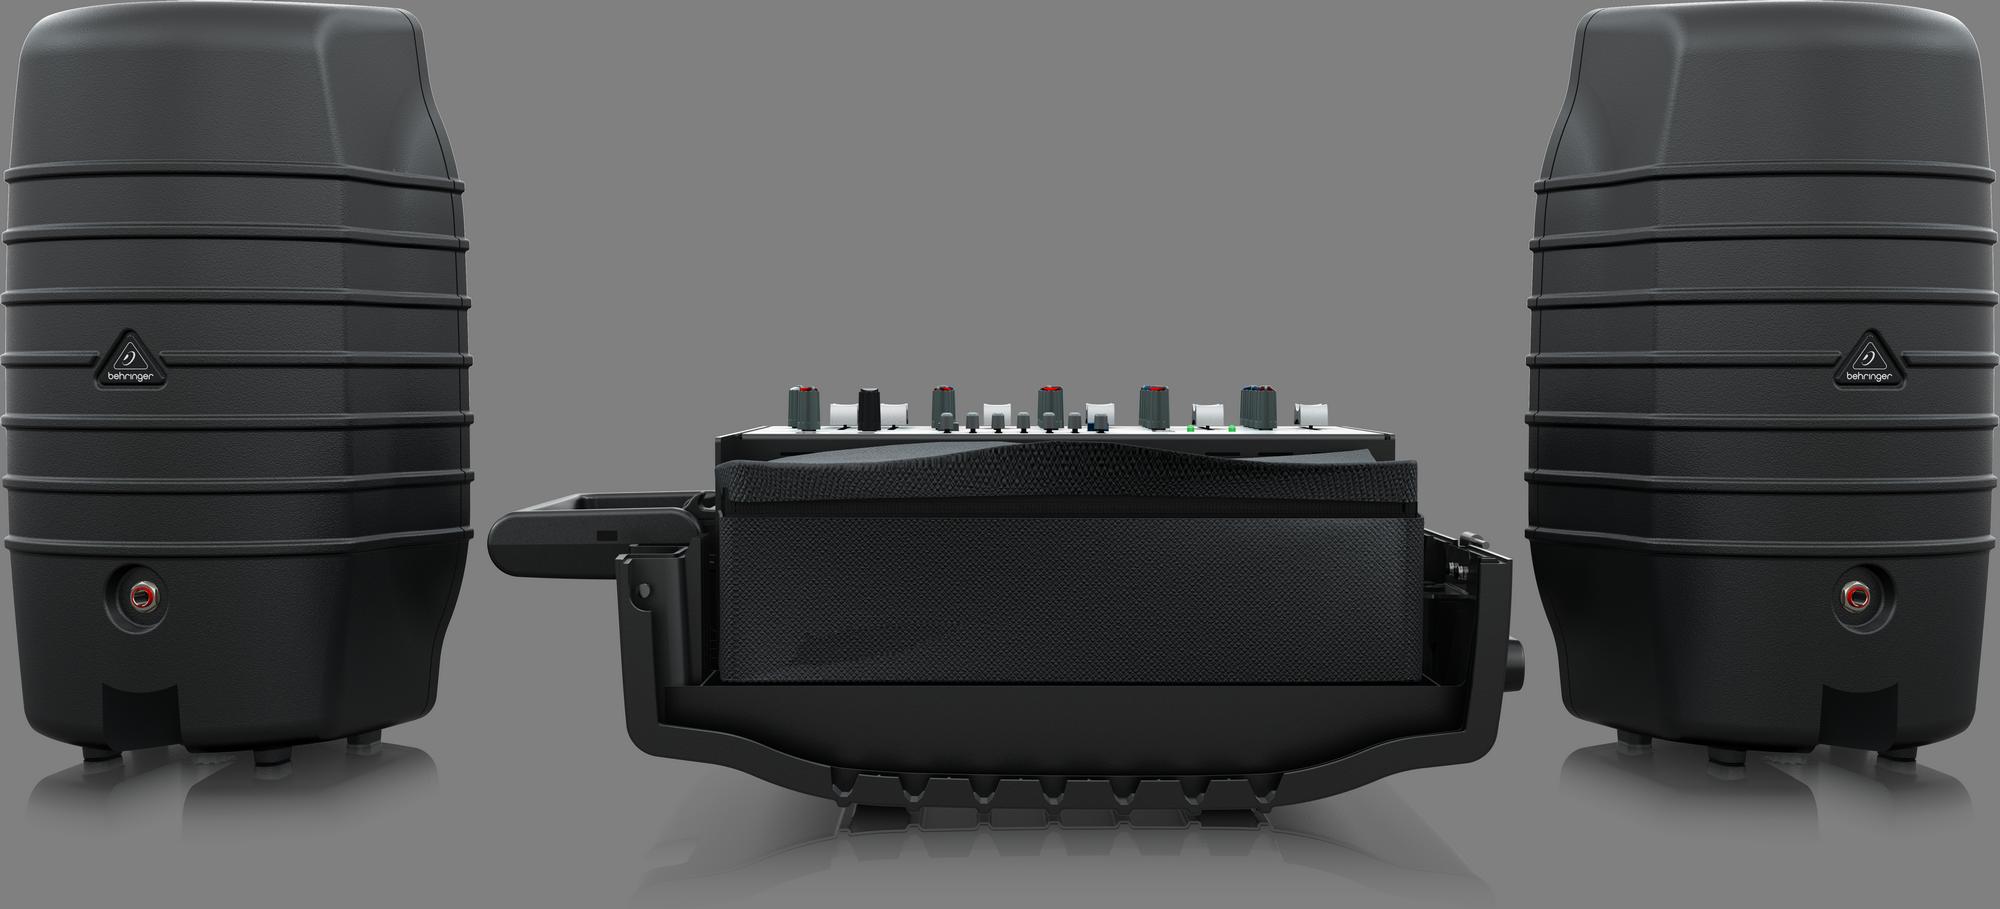 Behringer PPA200 Compact Geluidssysteem